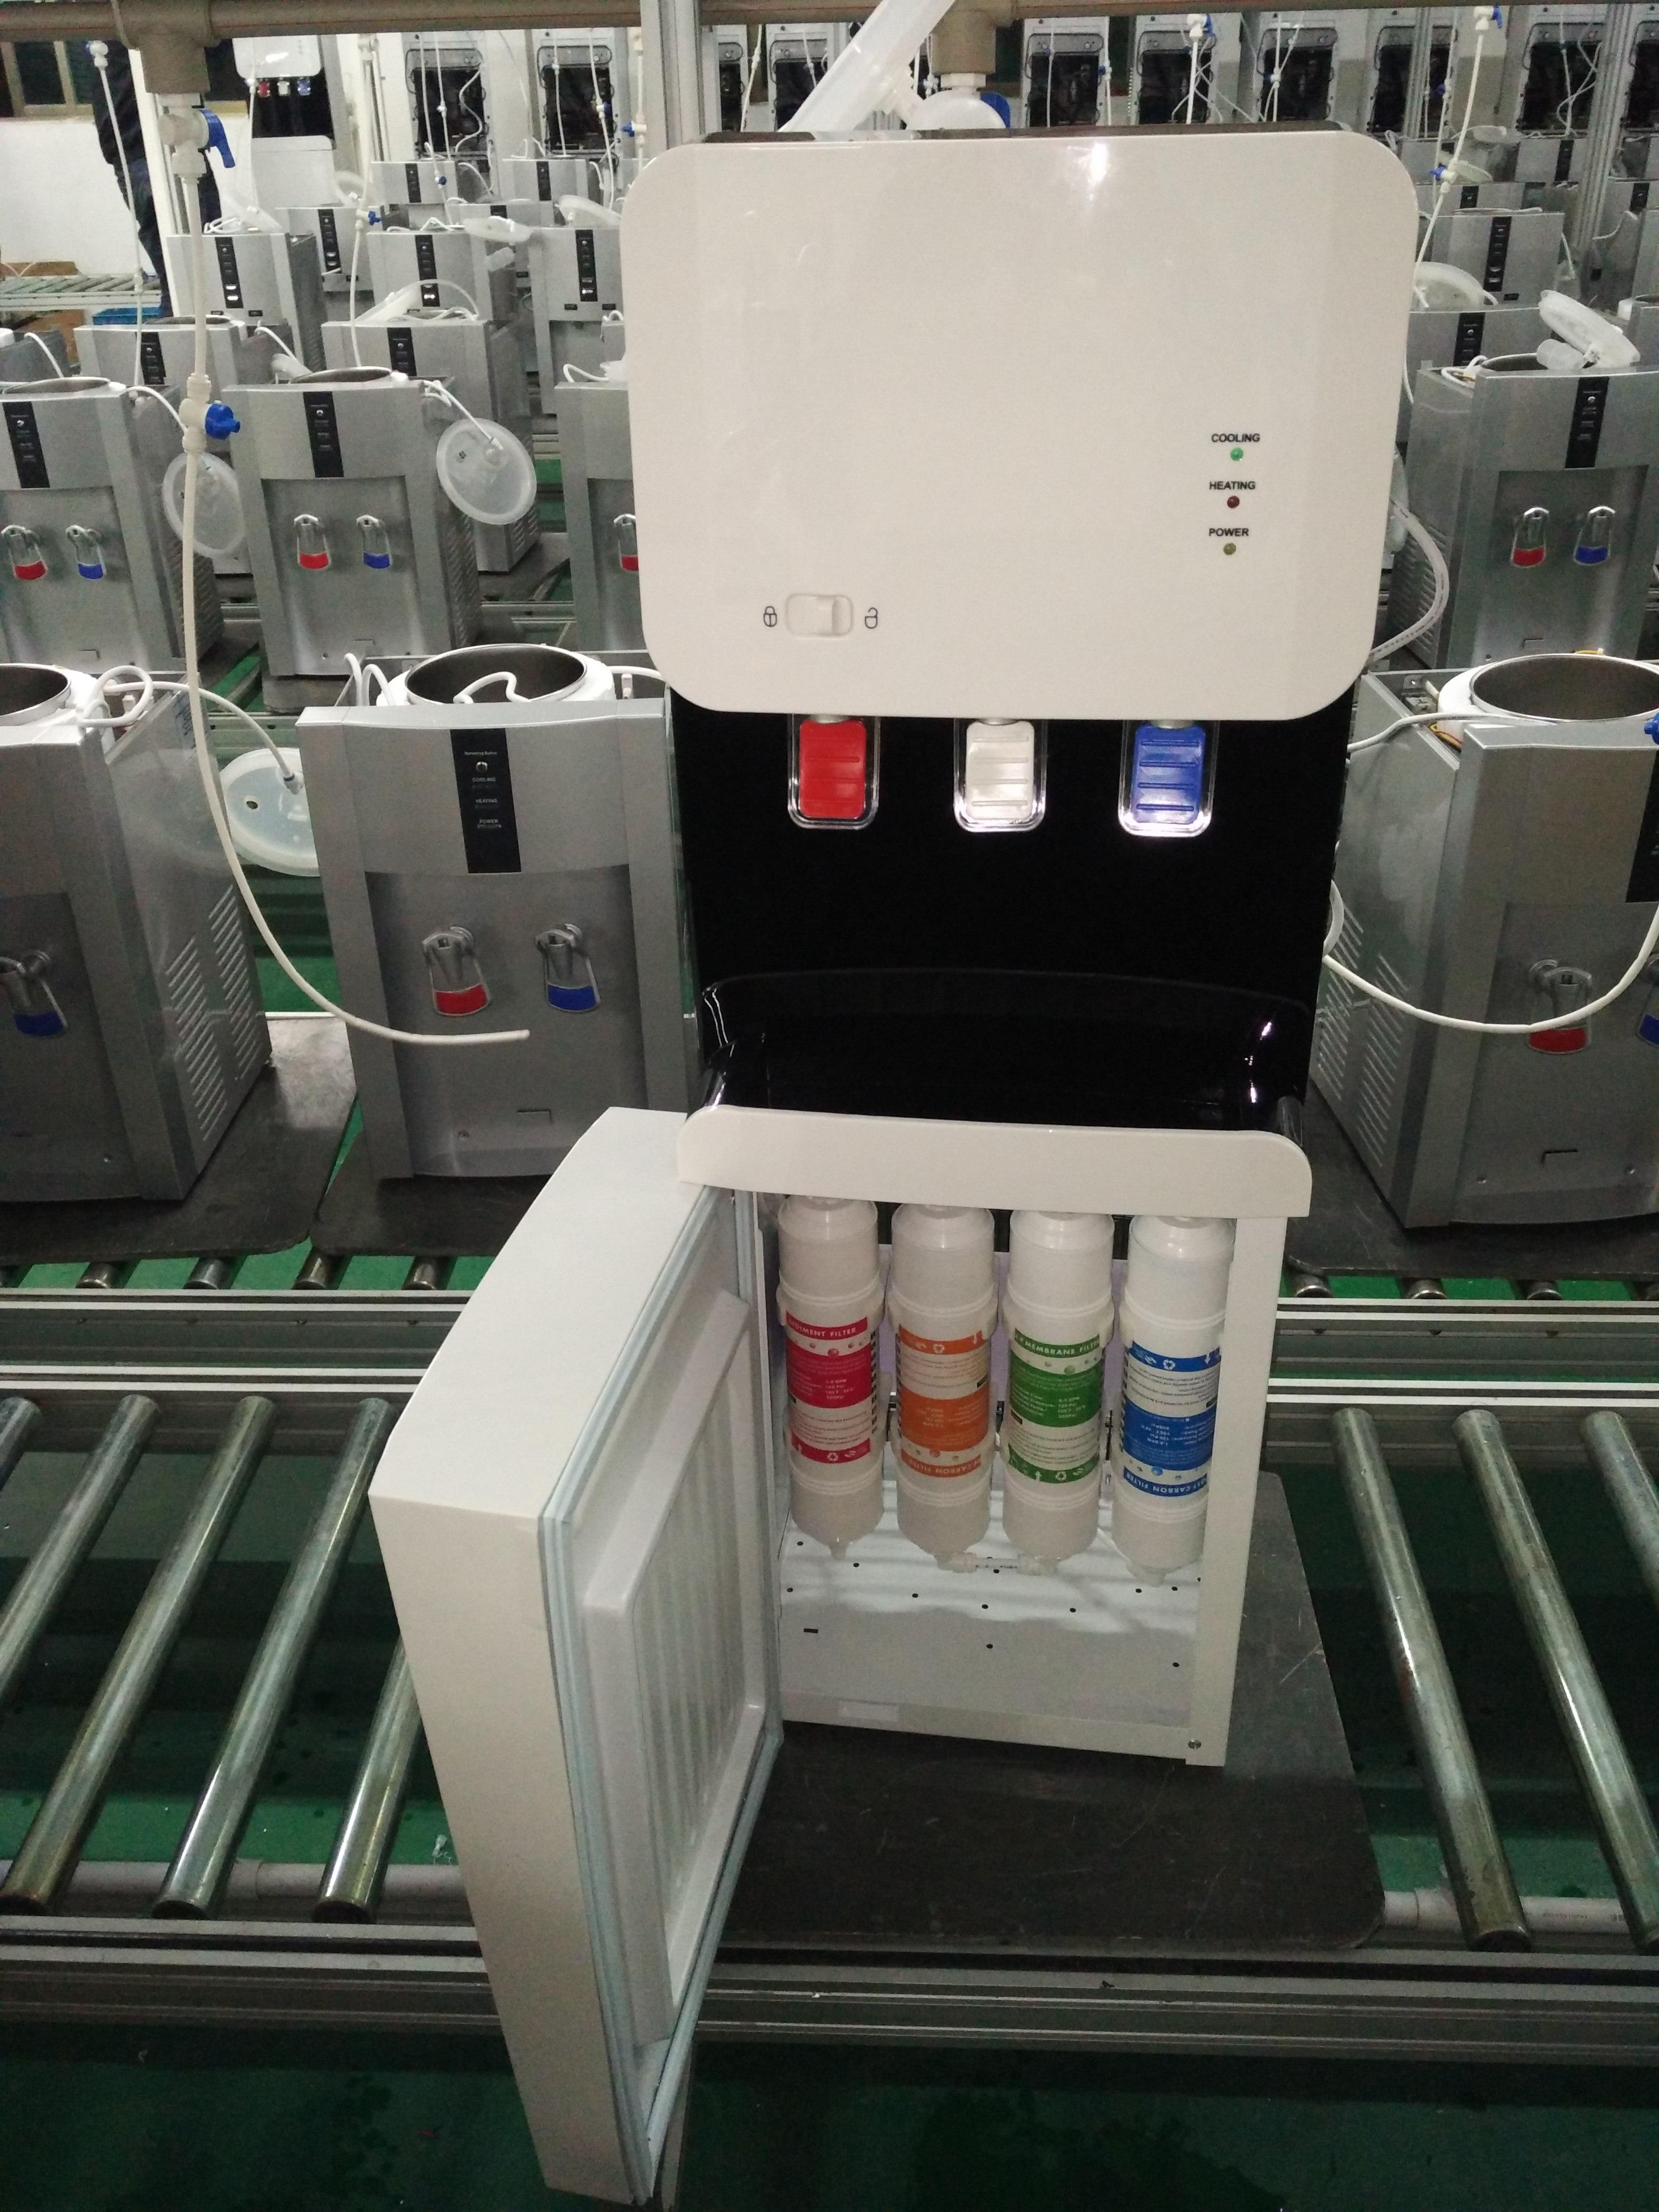 Floor standing compressor cooling water dispenser